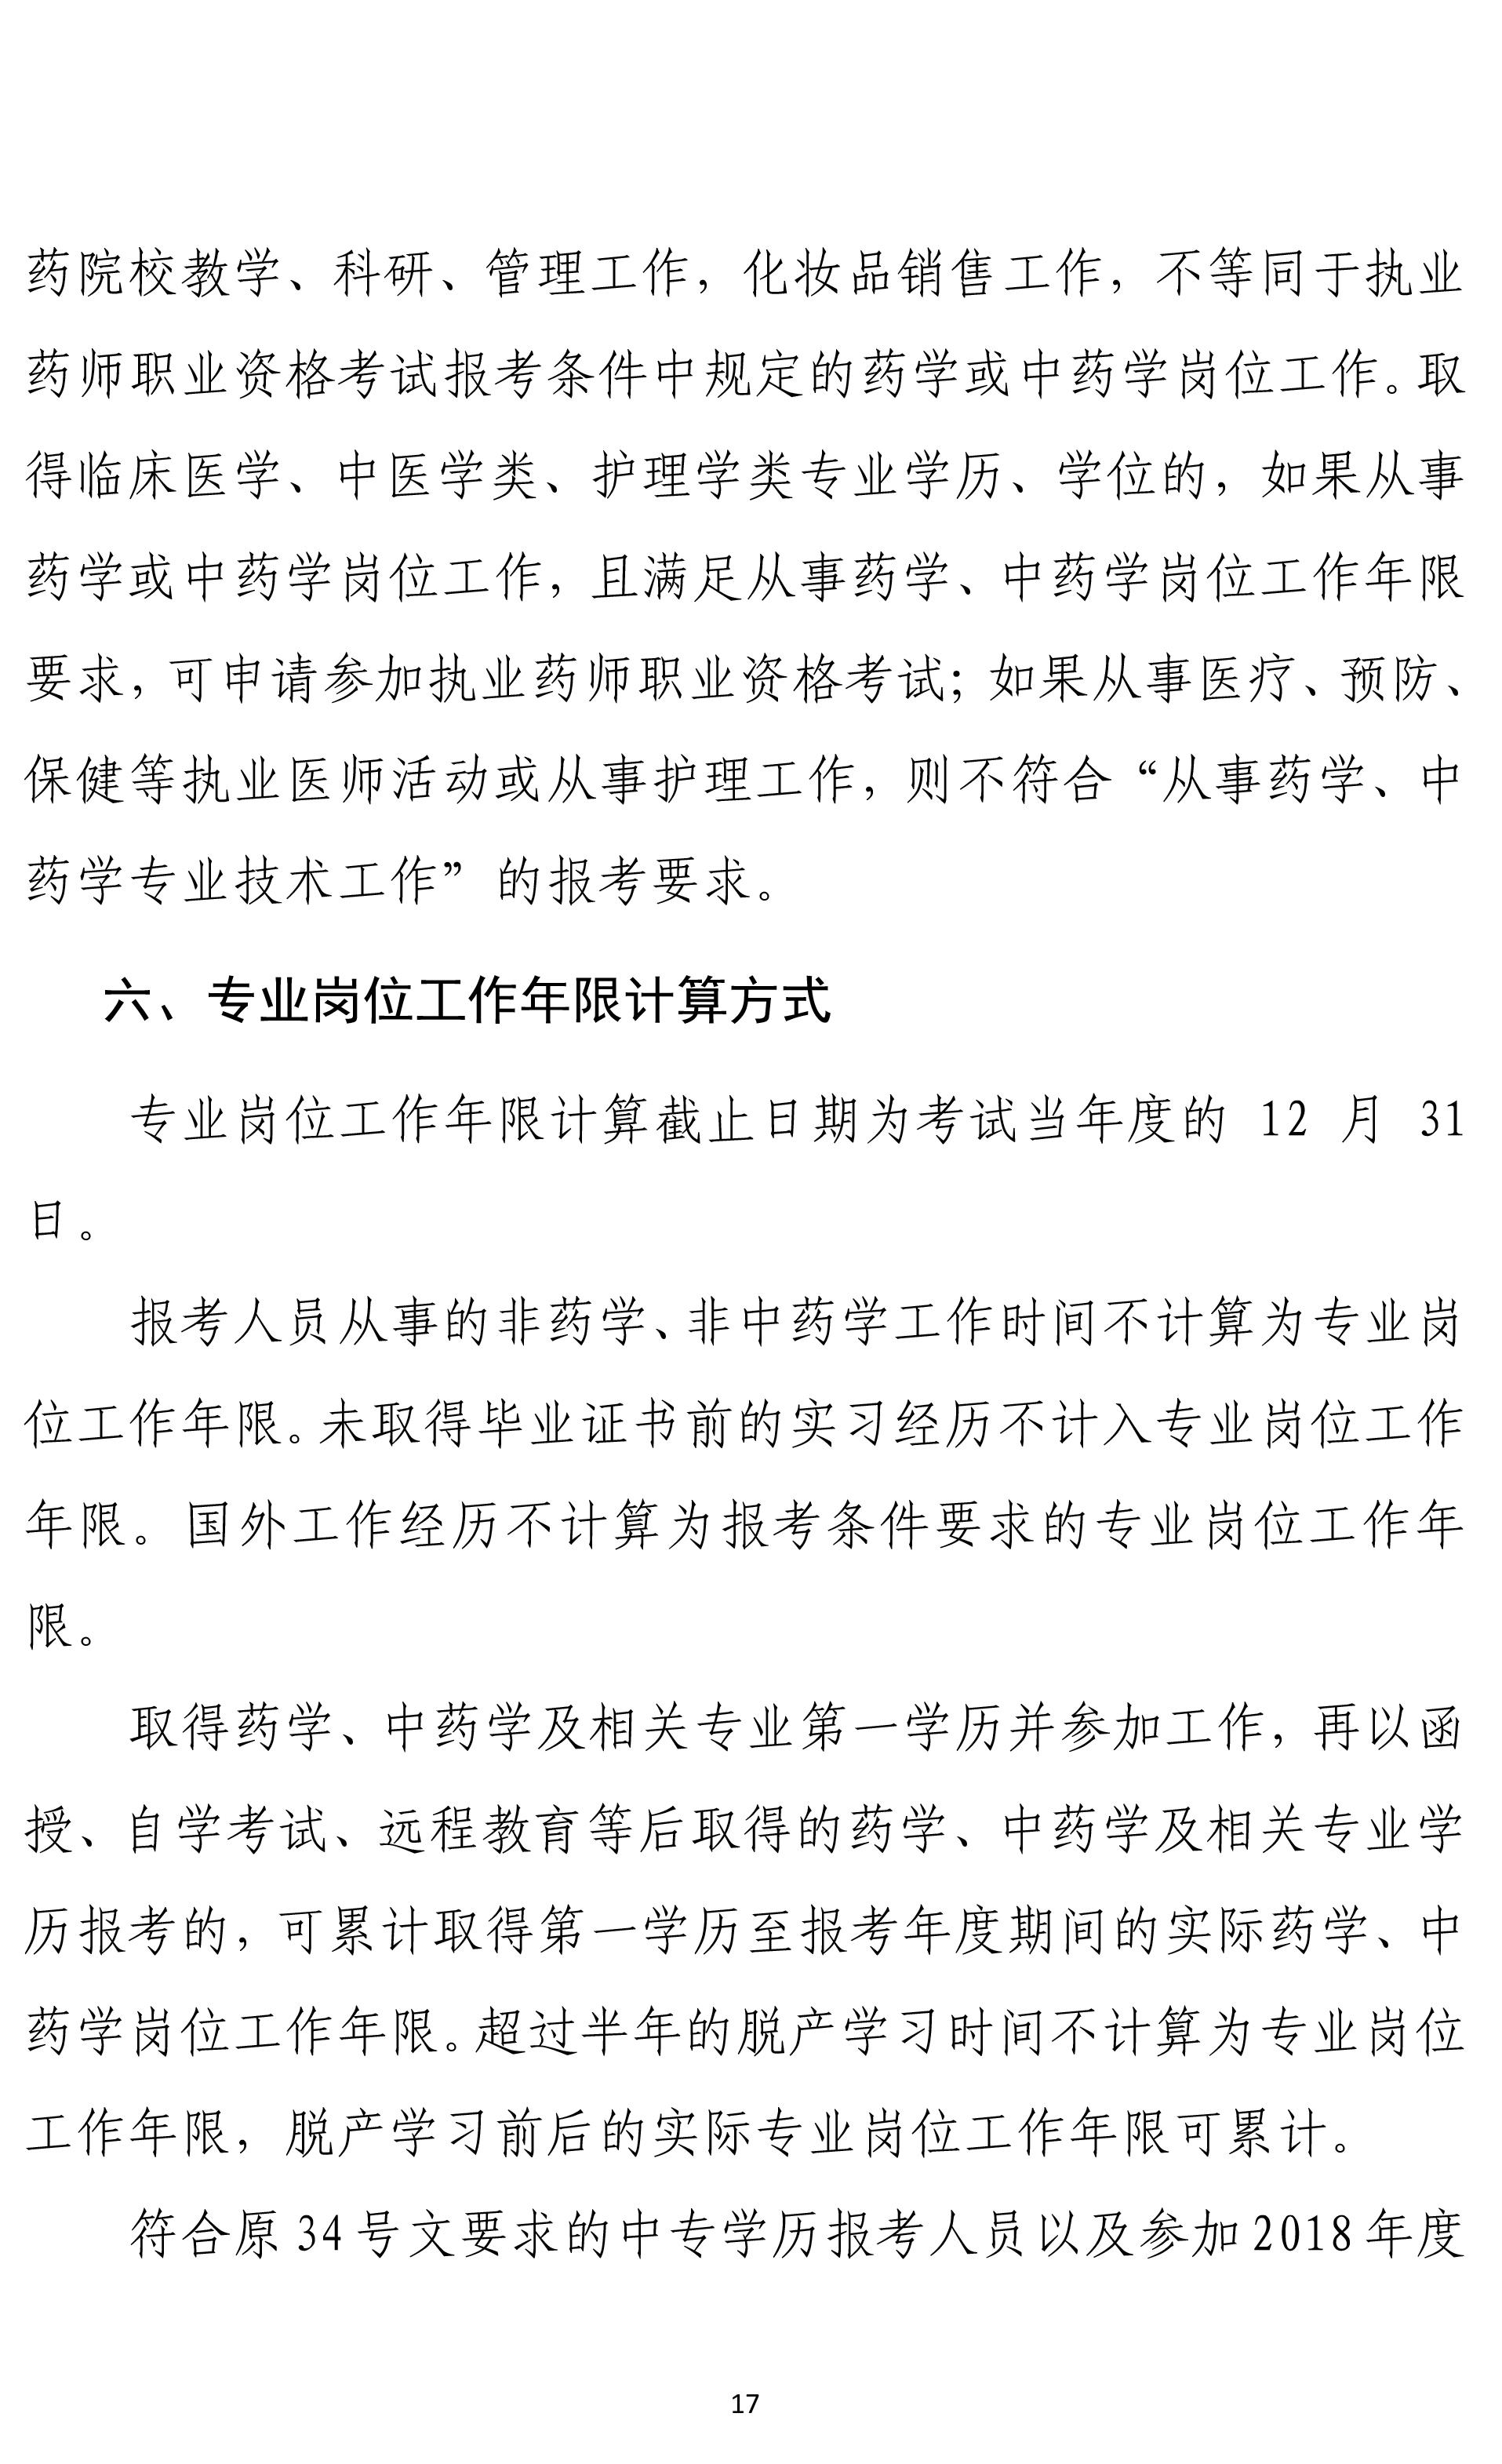 浙江2019年执业药师考试报名条件已公布